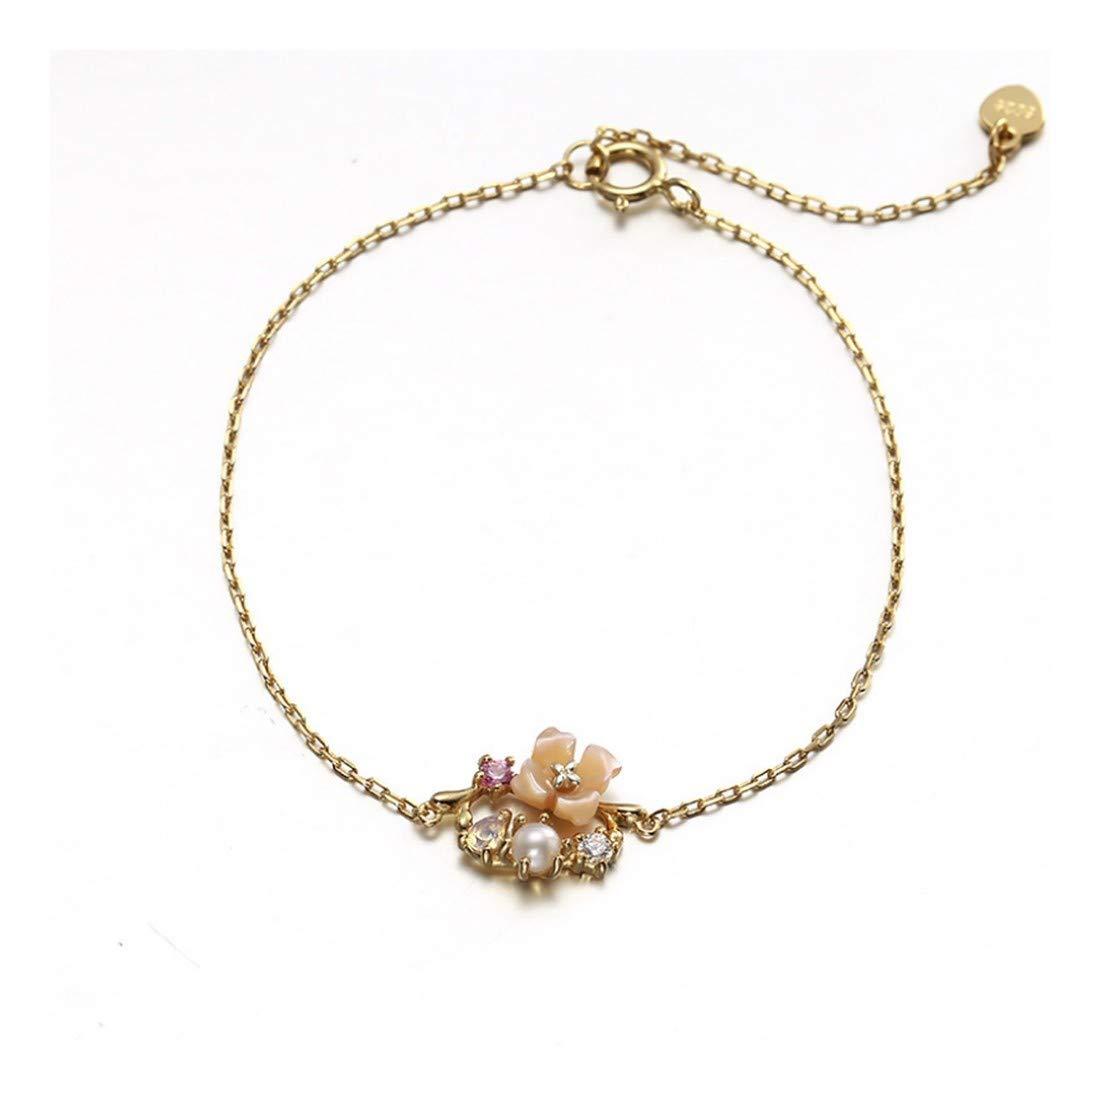 YYYYYAレディースブレスレットS925スターリングシルバーパールピンクの花のモデリングシンプルなジオメトリ調節可能な結婚式のジュエリーレディースジュエリーギフト   B07M5BDMMR